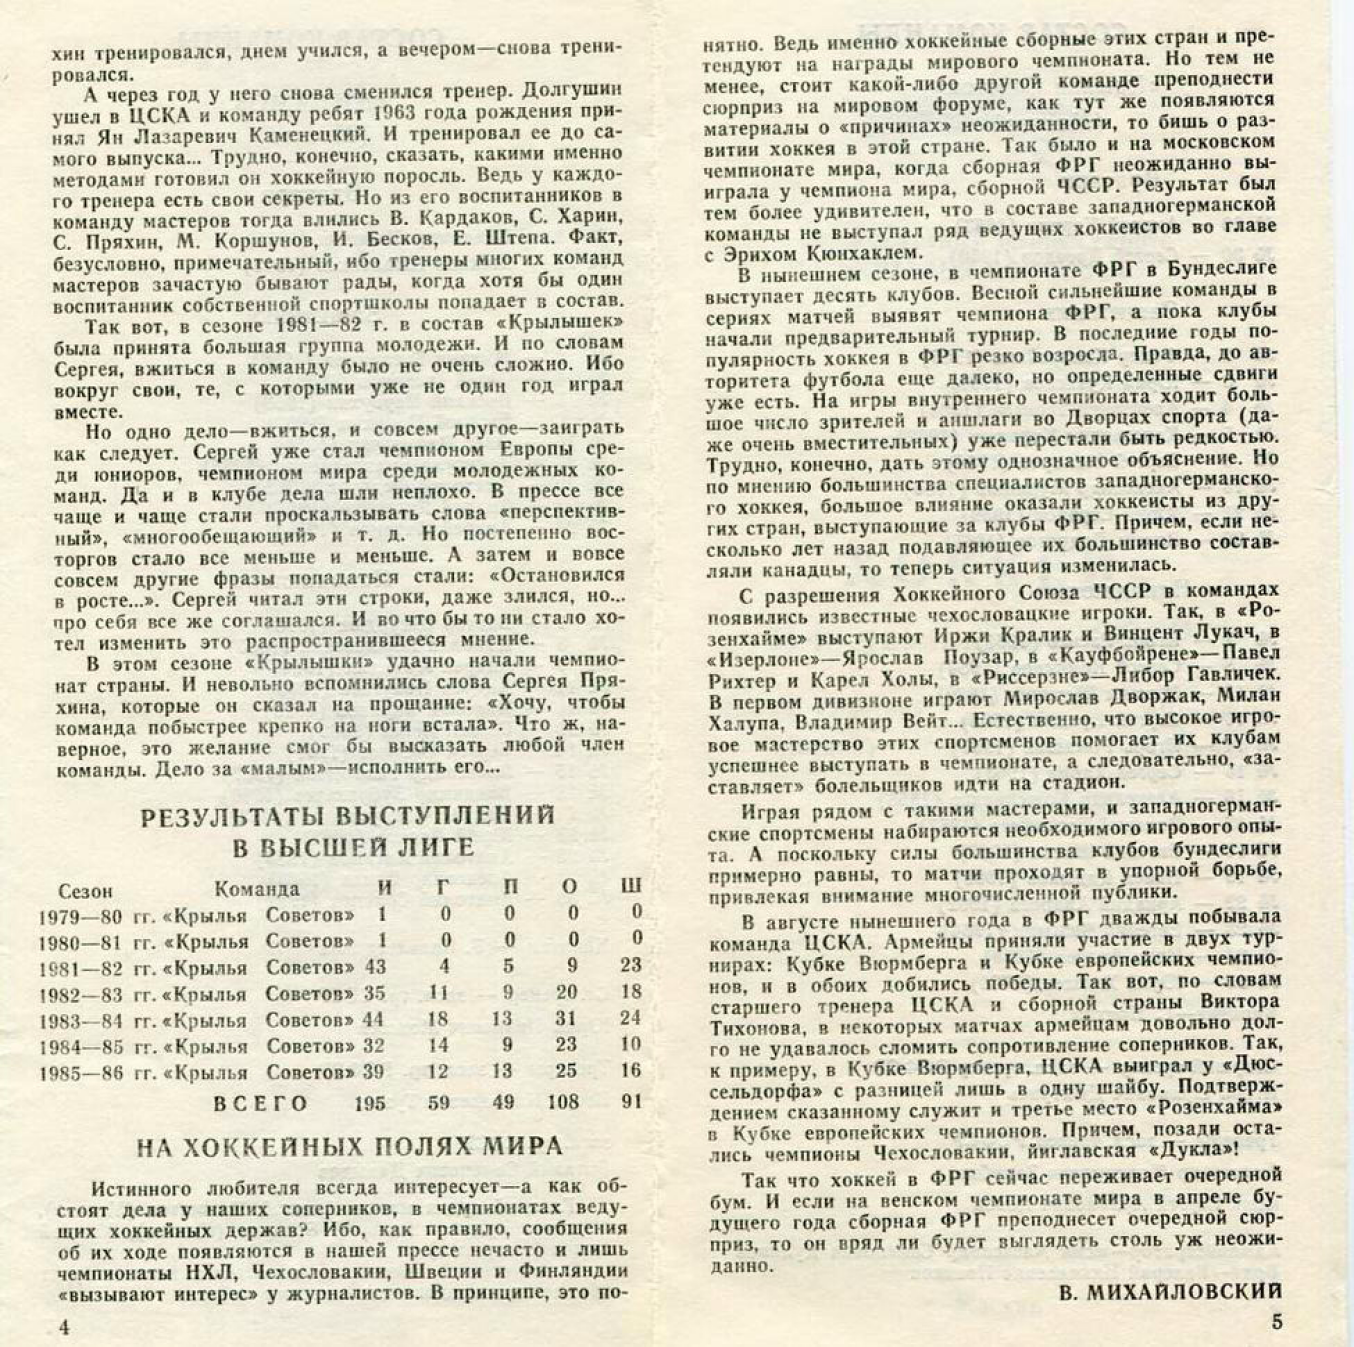 1986.10.16. Крылья Советов - Динамо (Чм. СССР)_03.png